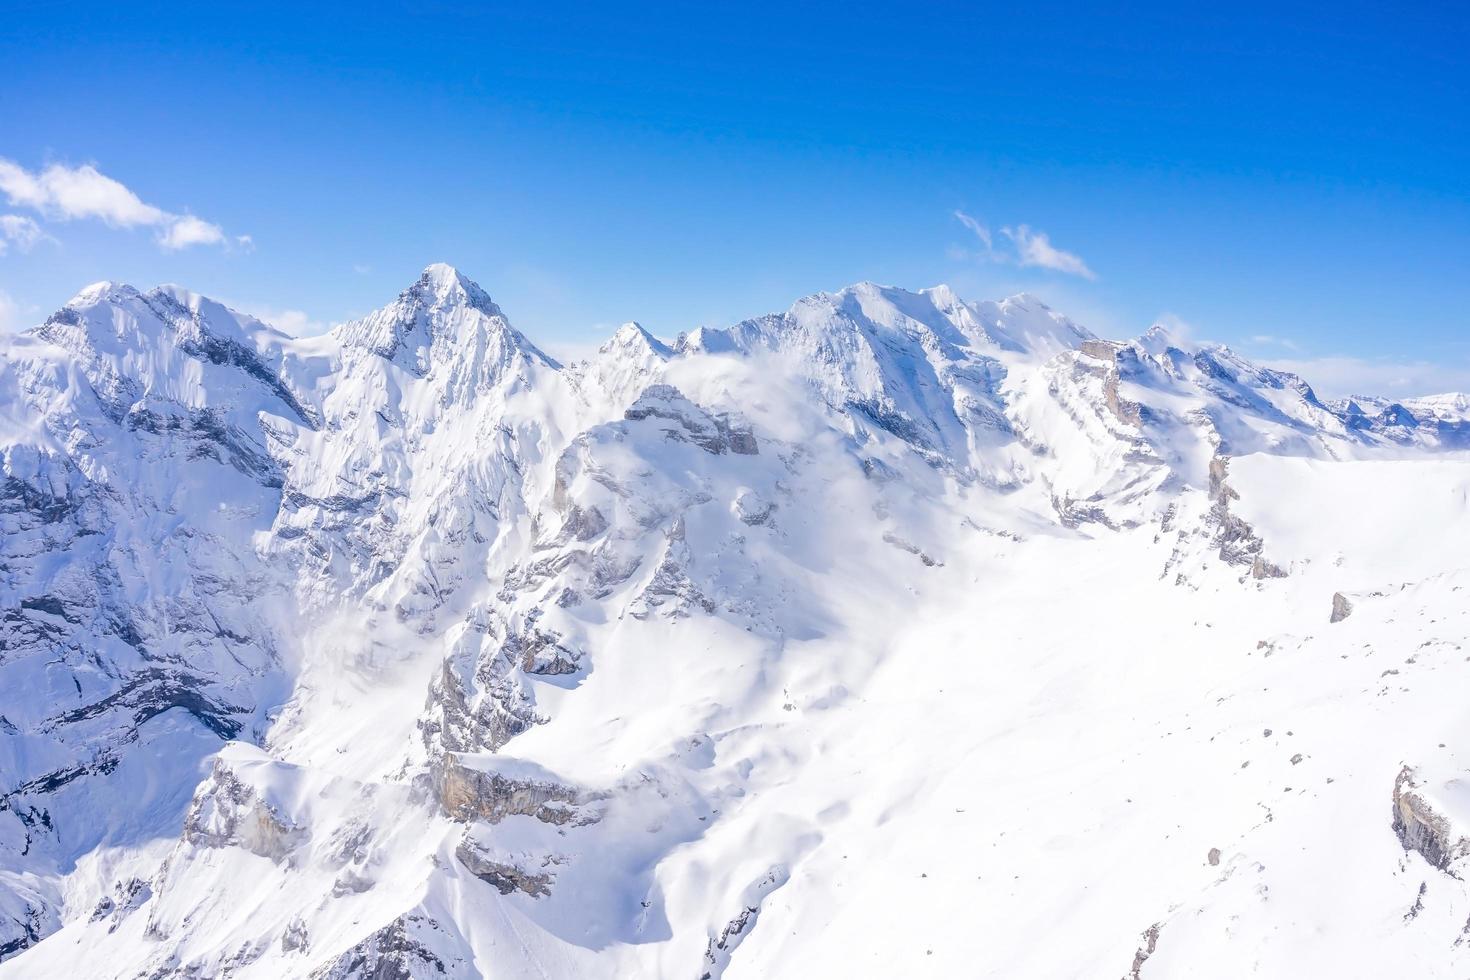 vue imprenable sur les alpes suisses photo